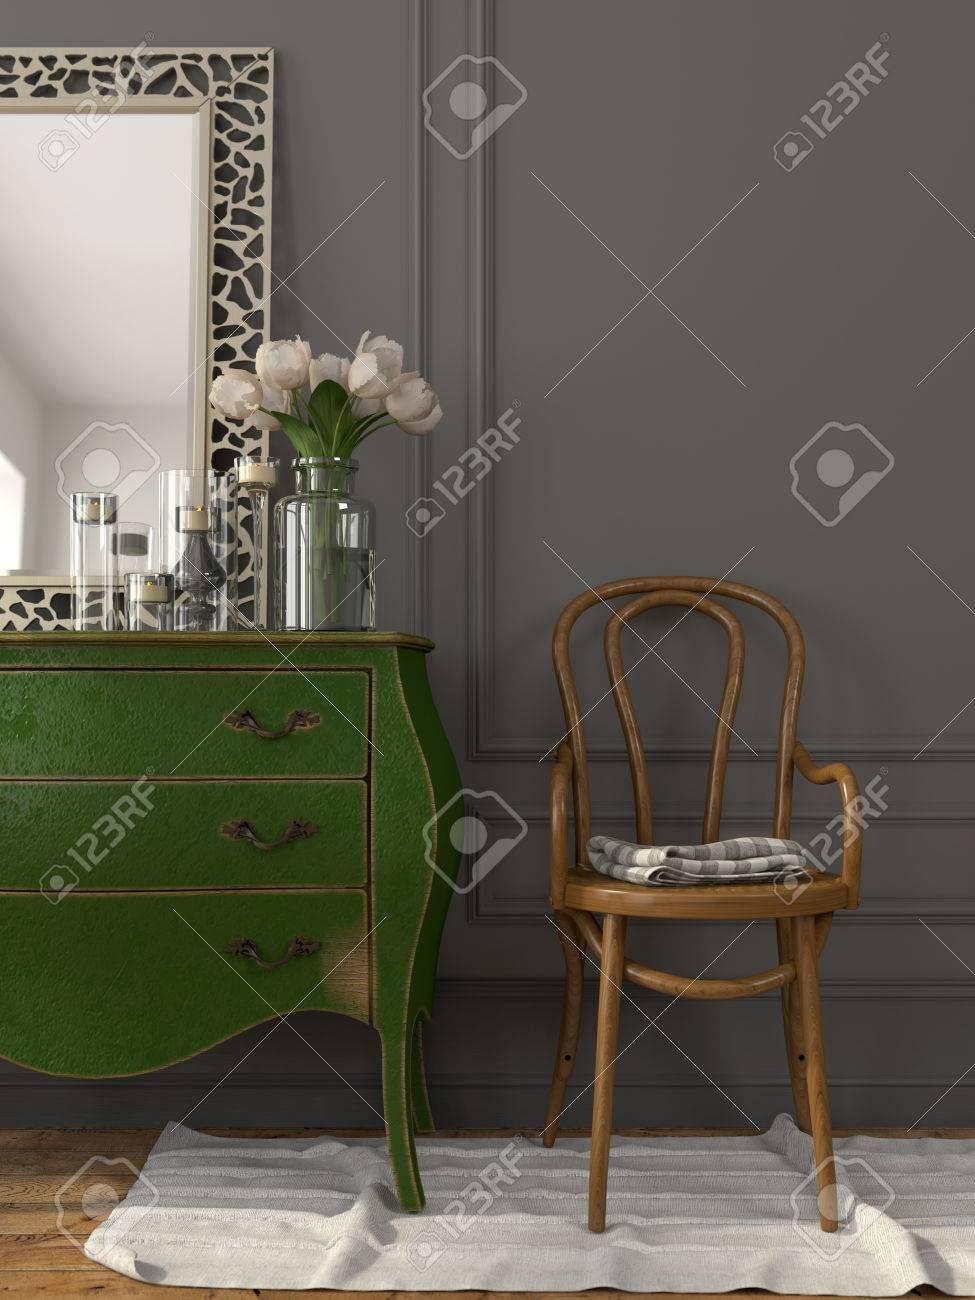 Das Interieur Im Vintage Stil Mit Einem Grunen Kommode Und Einem